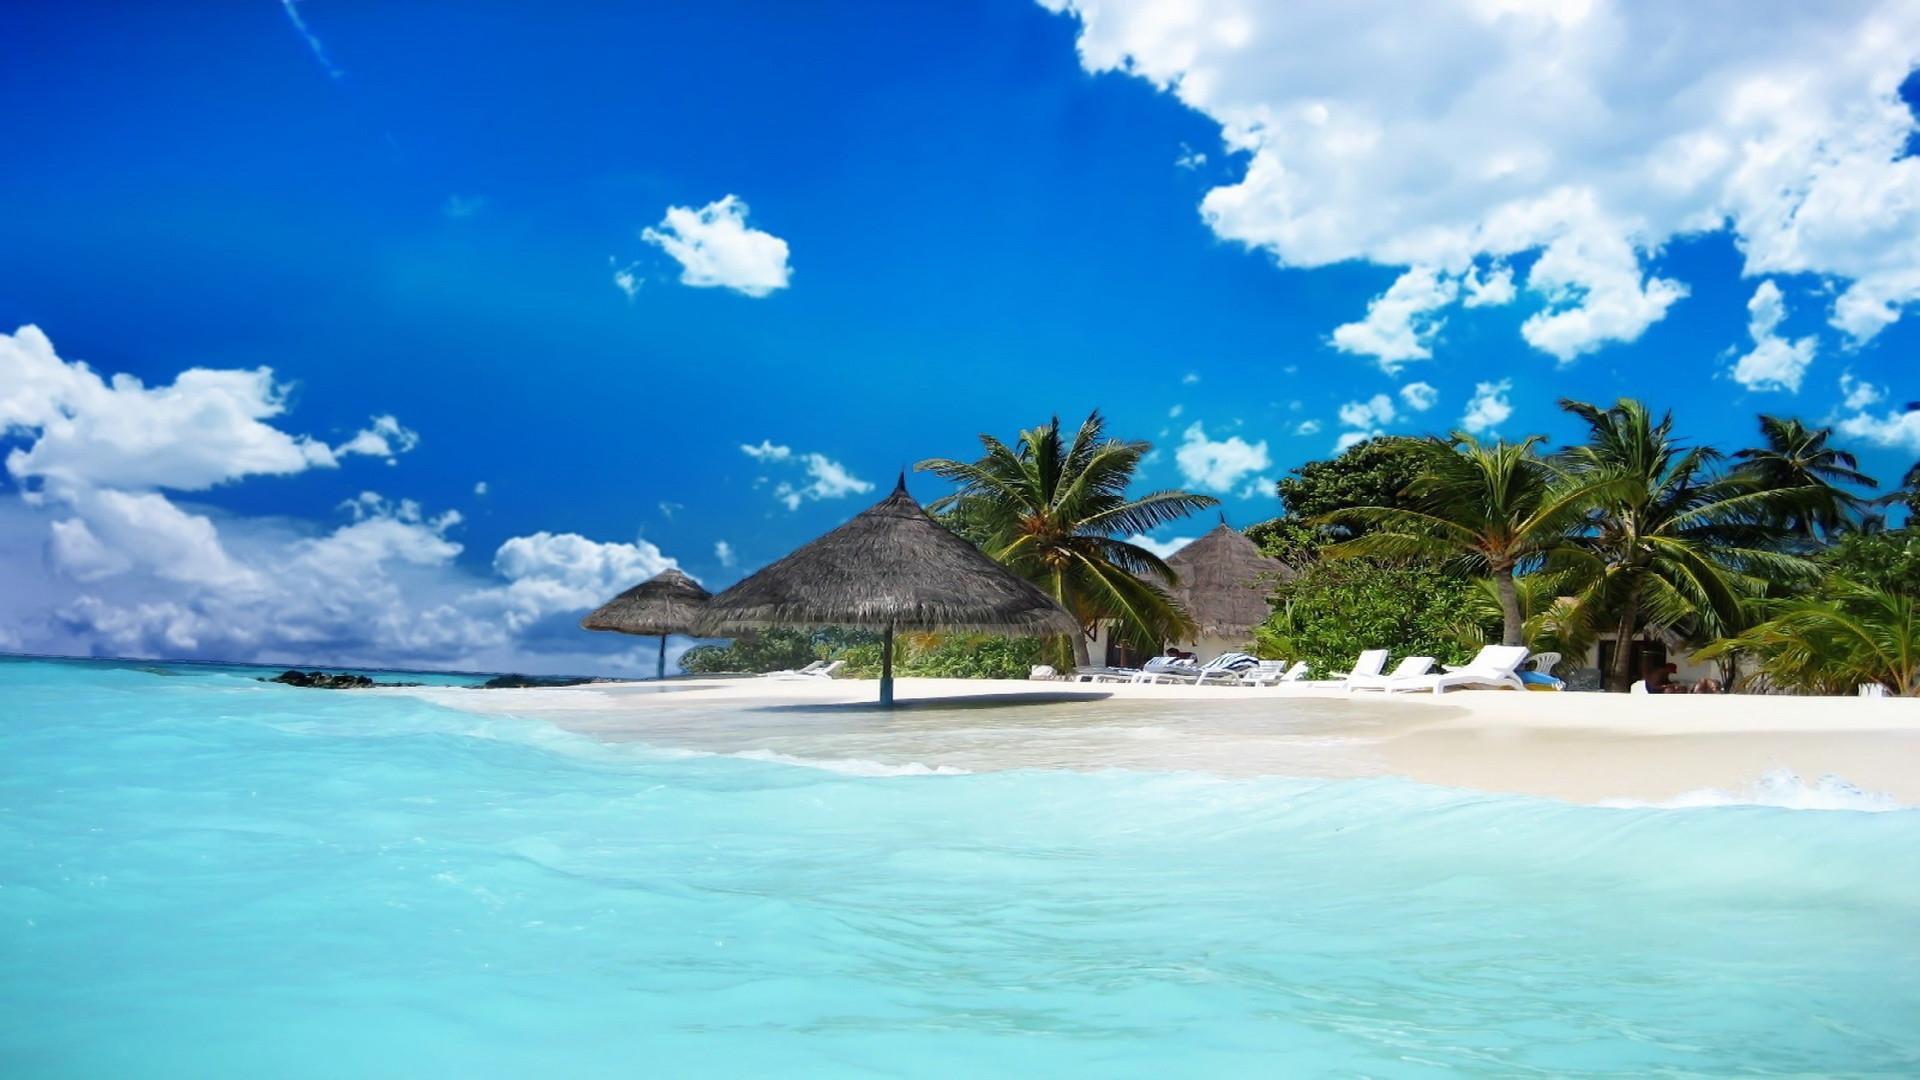 Beach Wallpapers, HD, Desktop Wallpapers, beach life HD Wallpapers.jpg .